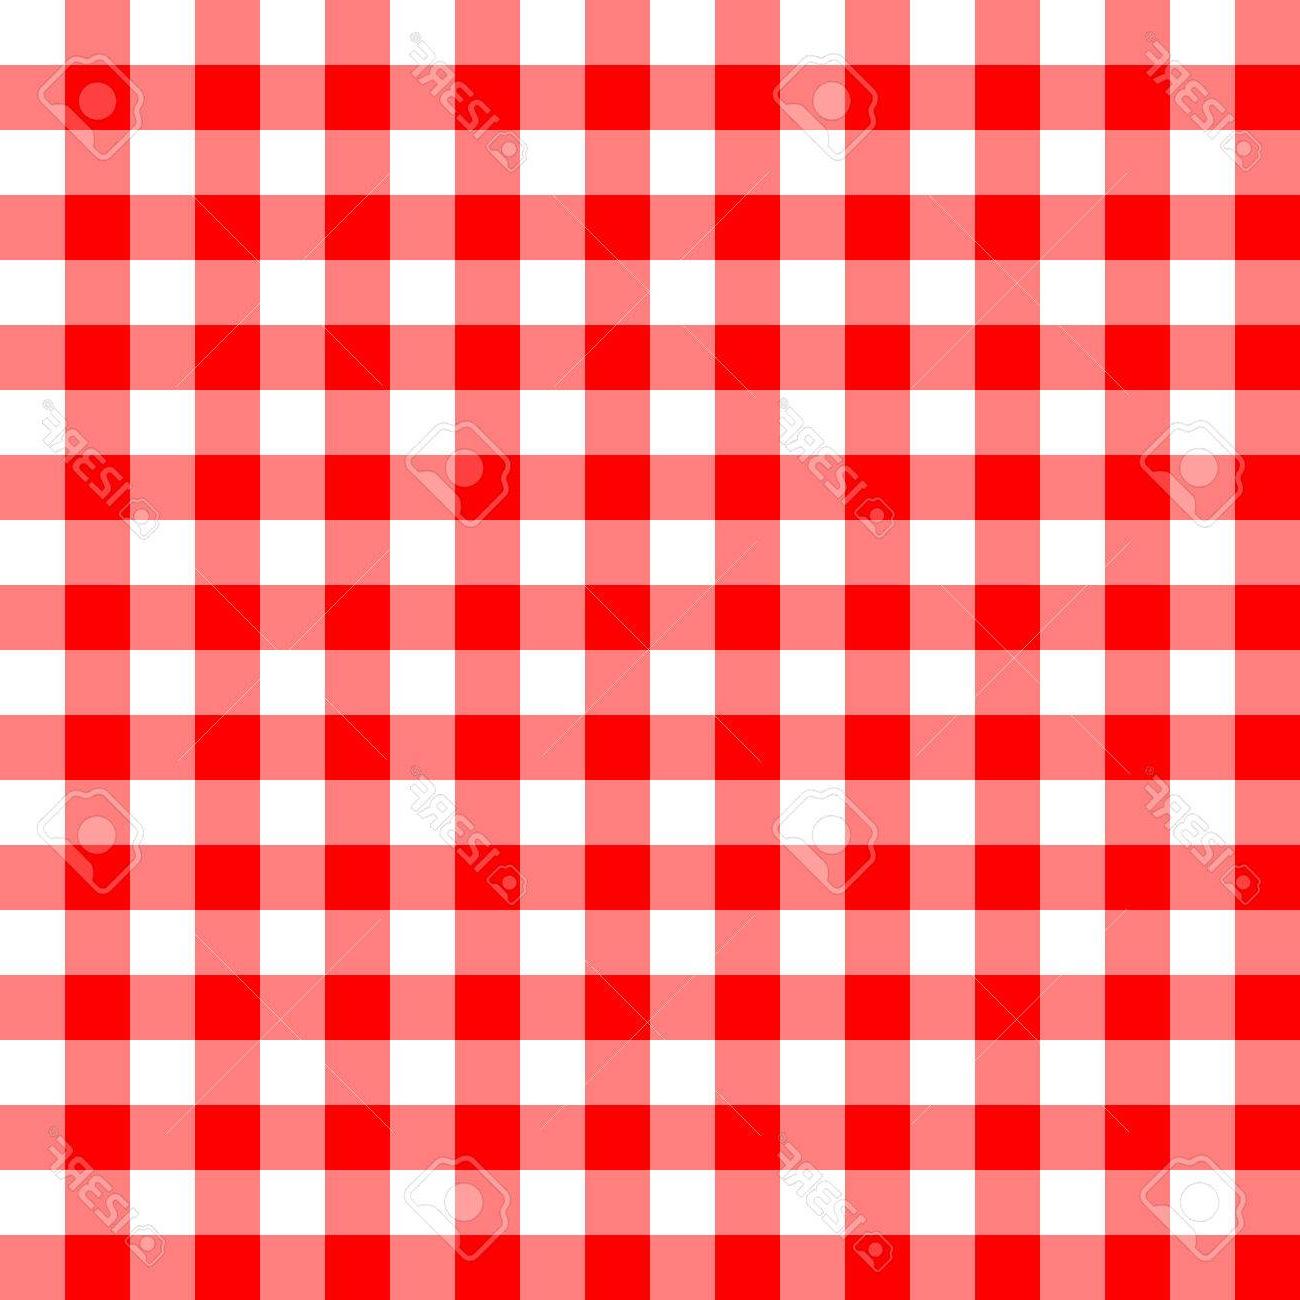 Mantel Rojo S5d8 Patrà N De Mantel Rojo Y Blanco Transparente Ilustracià N Vectorial